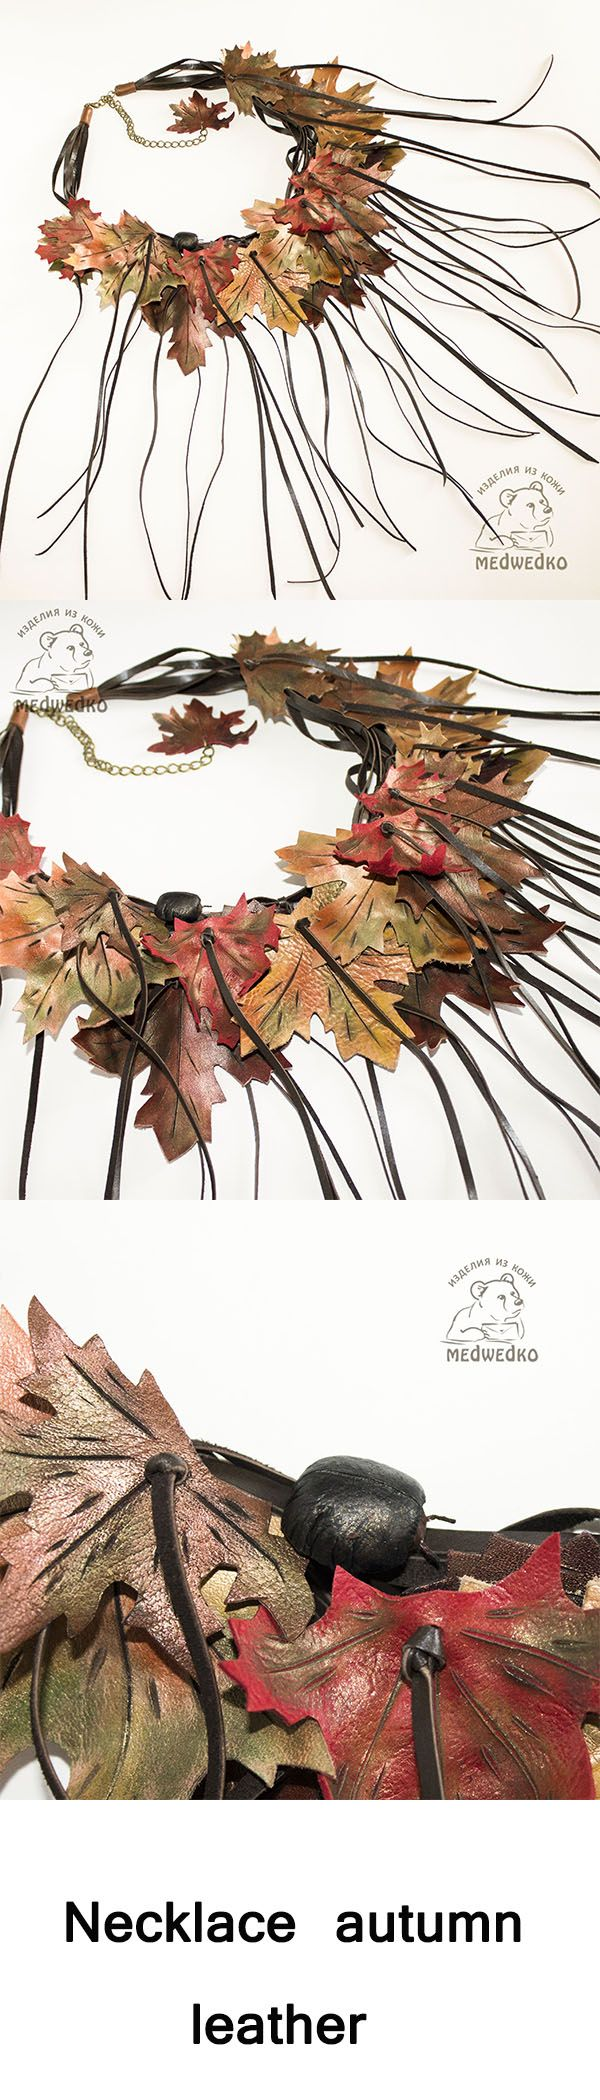 """Колье """"Багряная осень"""" из натуральной кожи прекрасно подойдет к осеннему гардеробу. Листья клена переливаются яркими осенними красками, жучок греется на неярком солнышке. #колье_из_кожи #колье_осеннее #кленовые_листья #колье_кожаное #подарок_девушке #подарок_день_рождения #necklace_leather #autumn_necklace #maple_leaves #gift_women #gift_thanksgiving"""